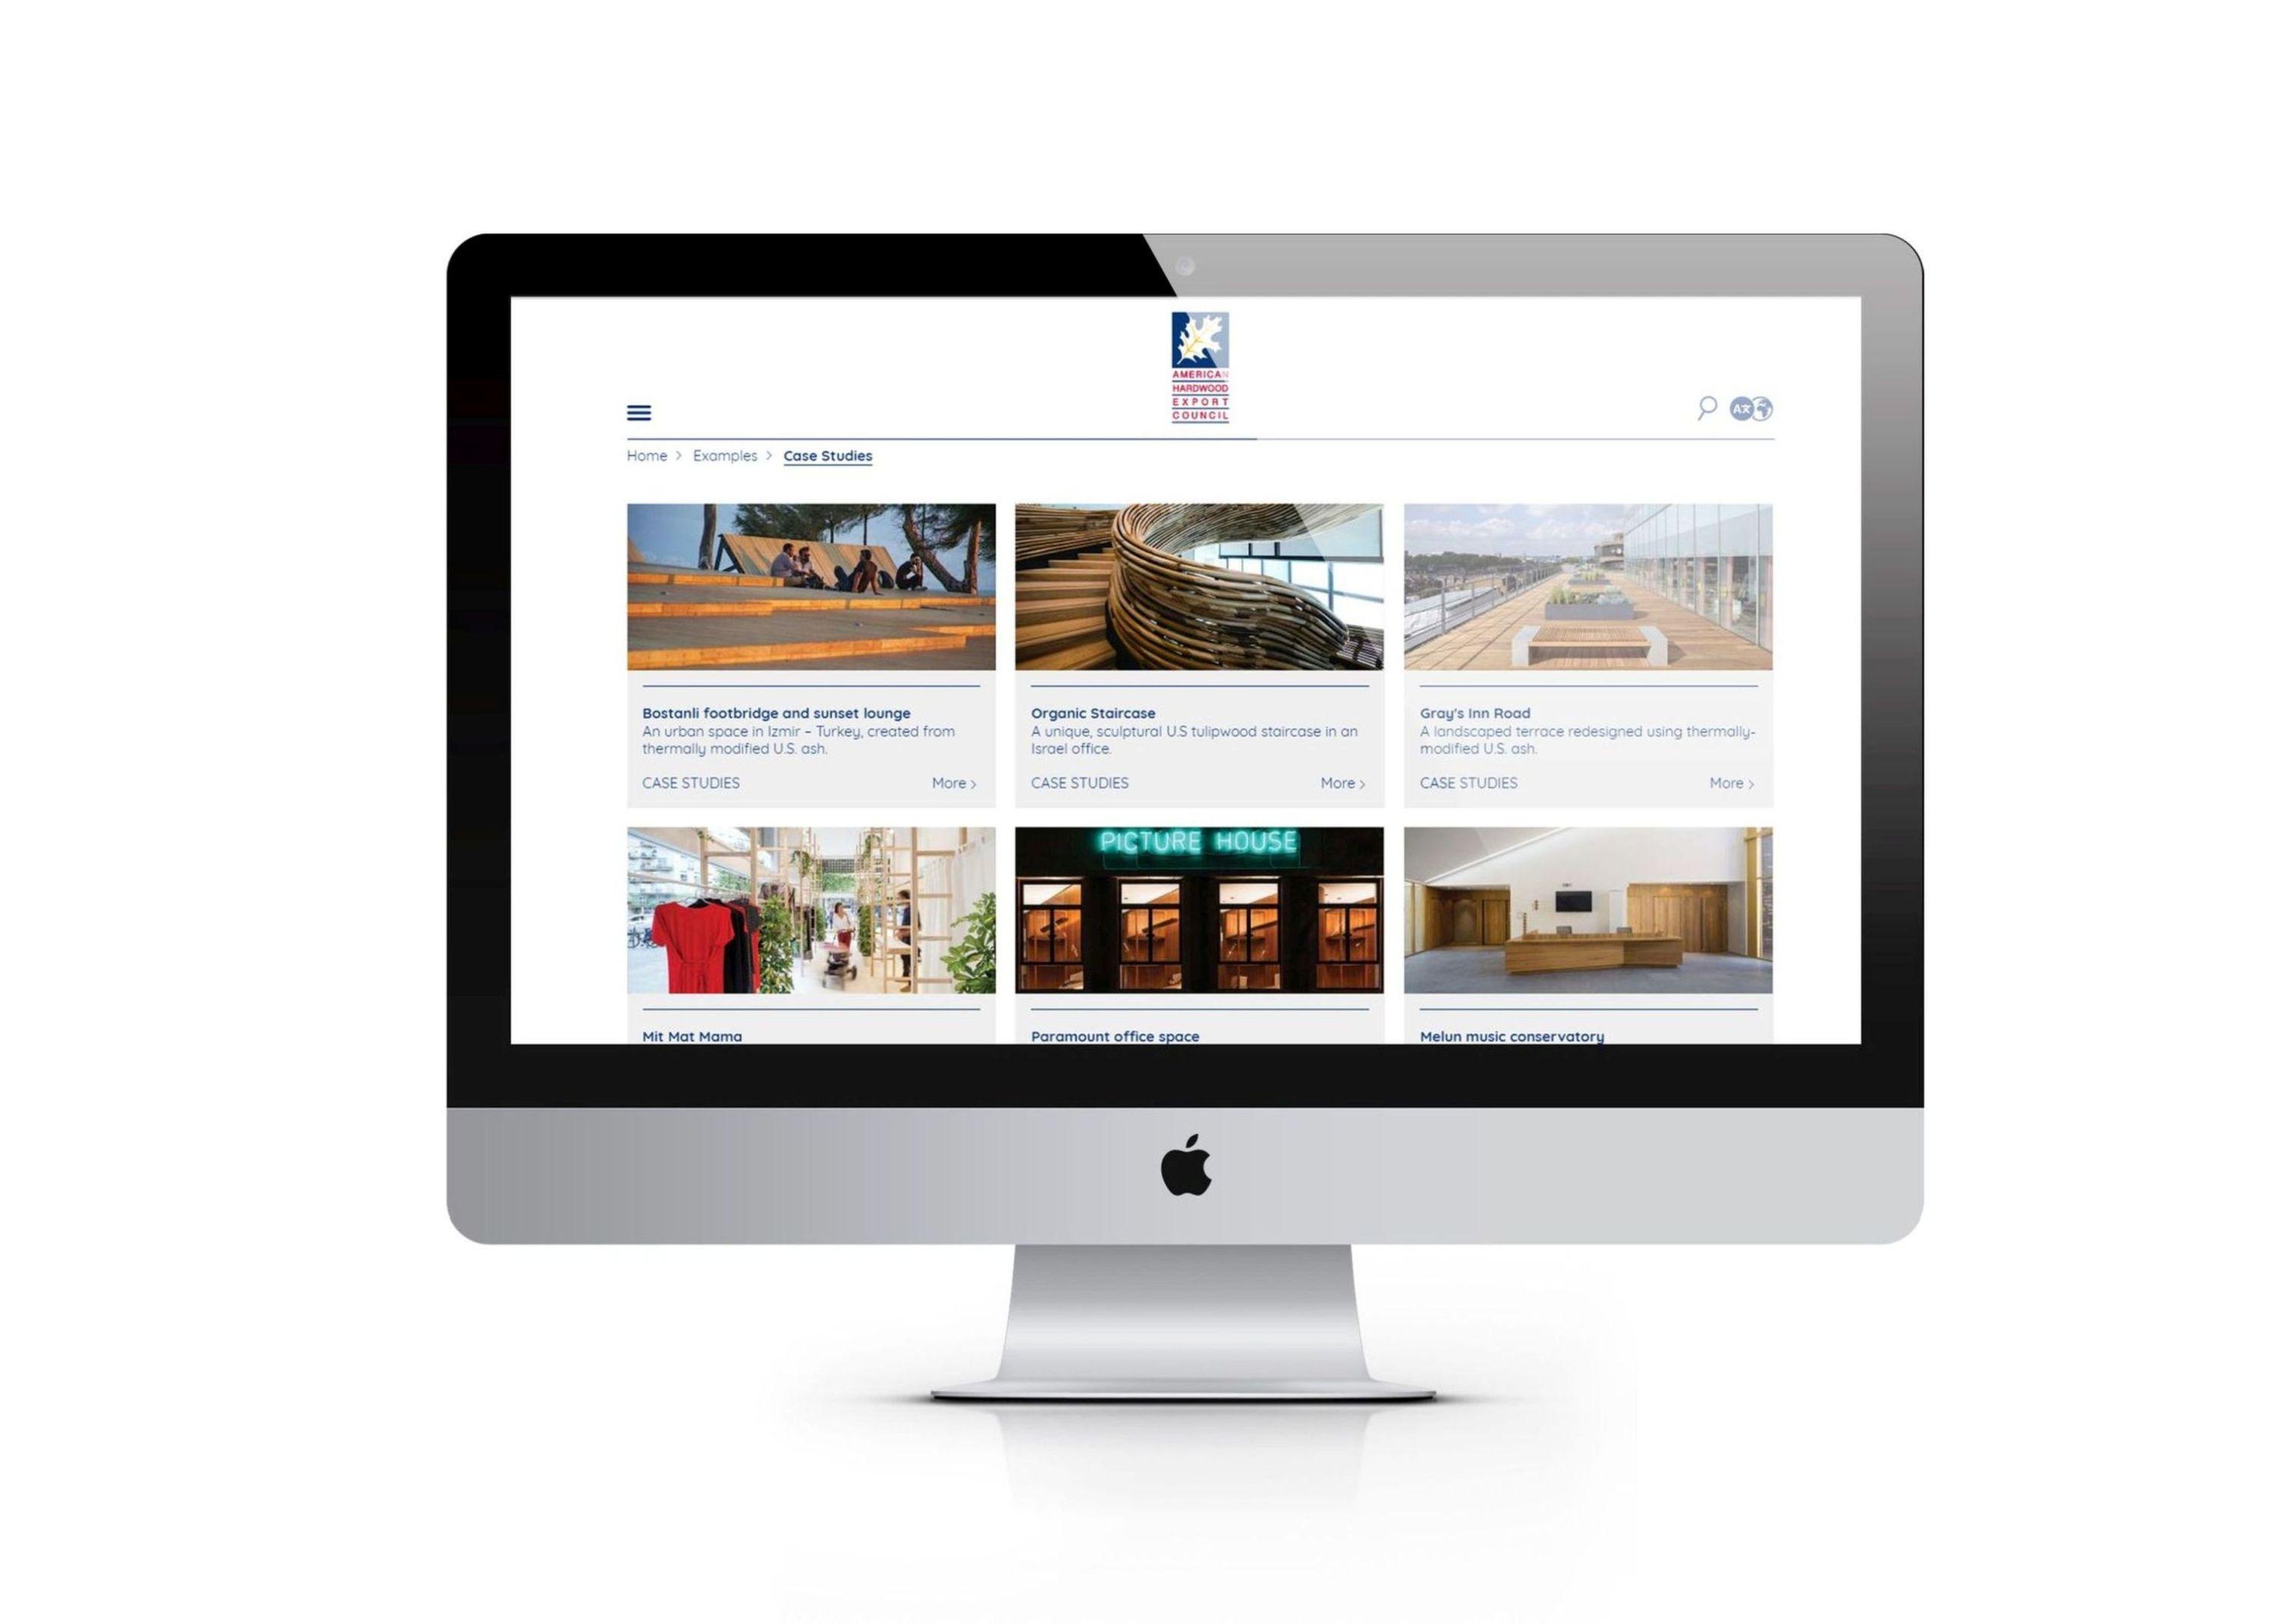 AHEC LAUNCHT NEUE WEBSITE